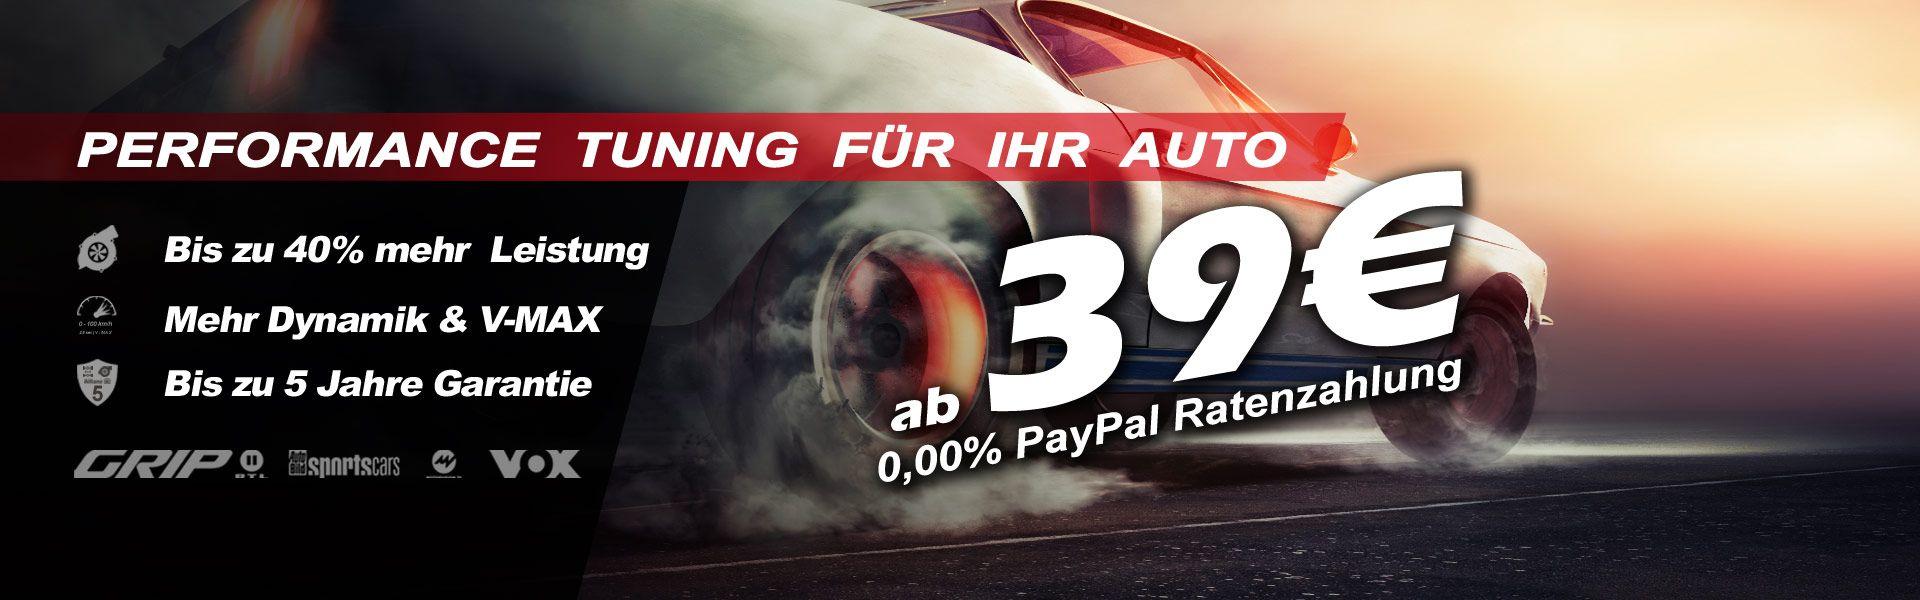 Ajuste de desempenho para o seu carro de 39 €